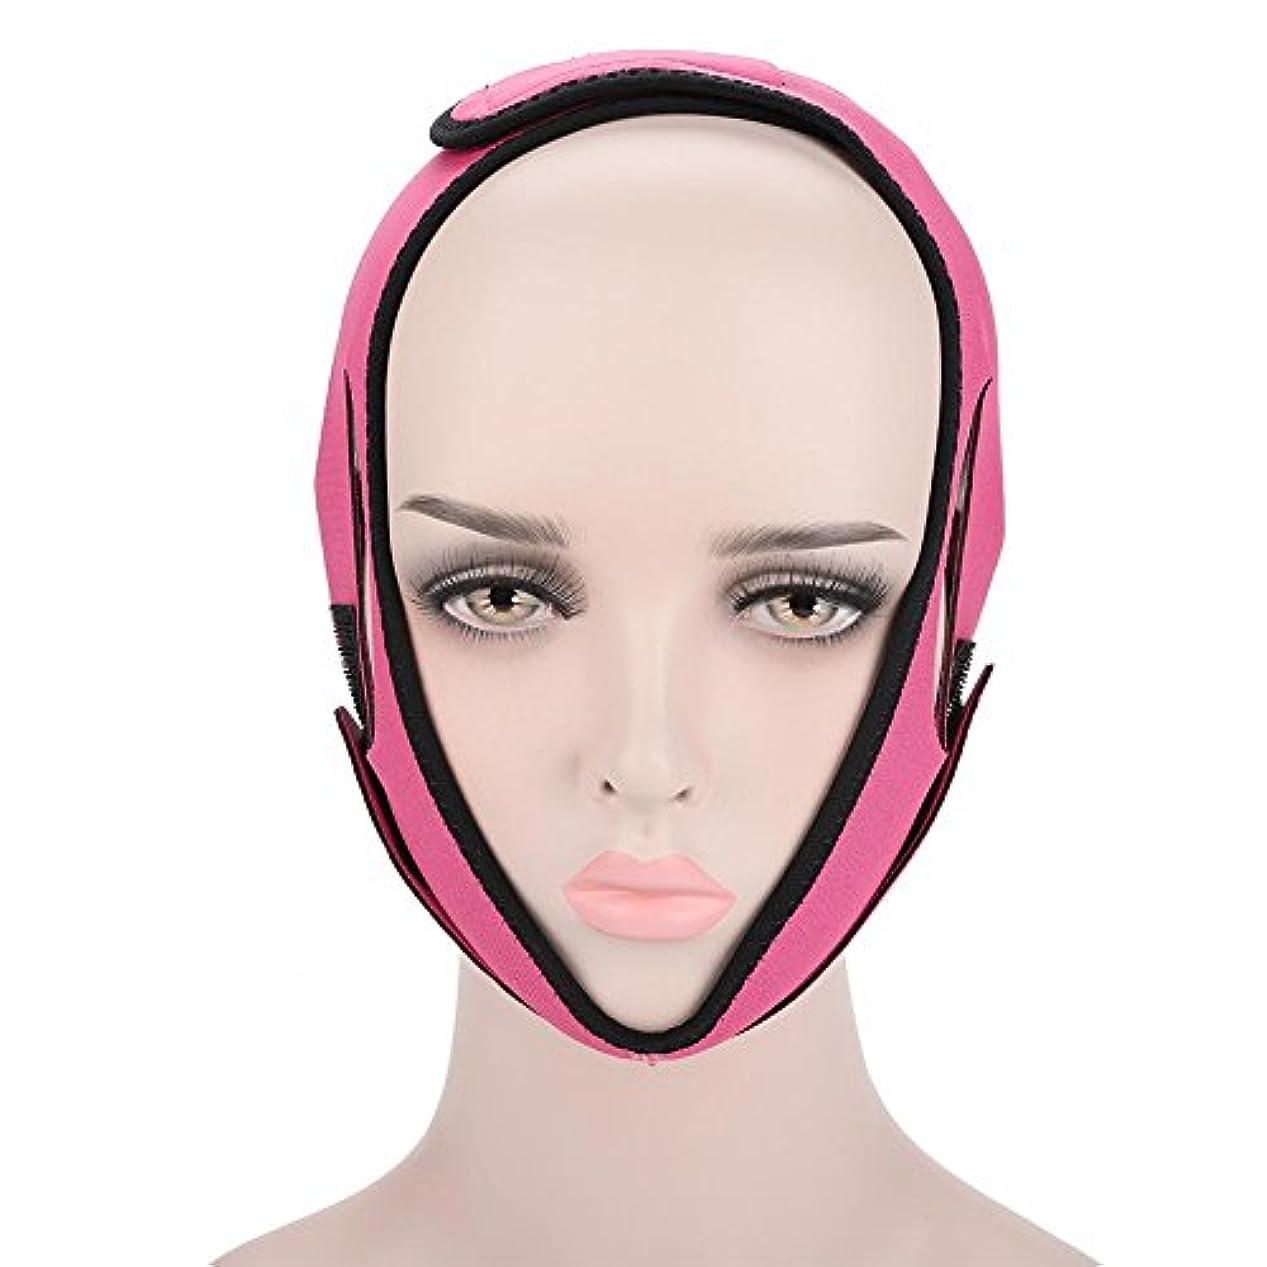 情熱民族主義フライトフェイススリミング包帯 顔の包帯フェイシャルスリミングマスクフェイシャルケアのためのフェイシャルベルト薄い首のフェイスリフトダブルチン女性のための(3#)